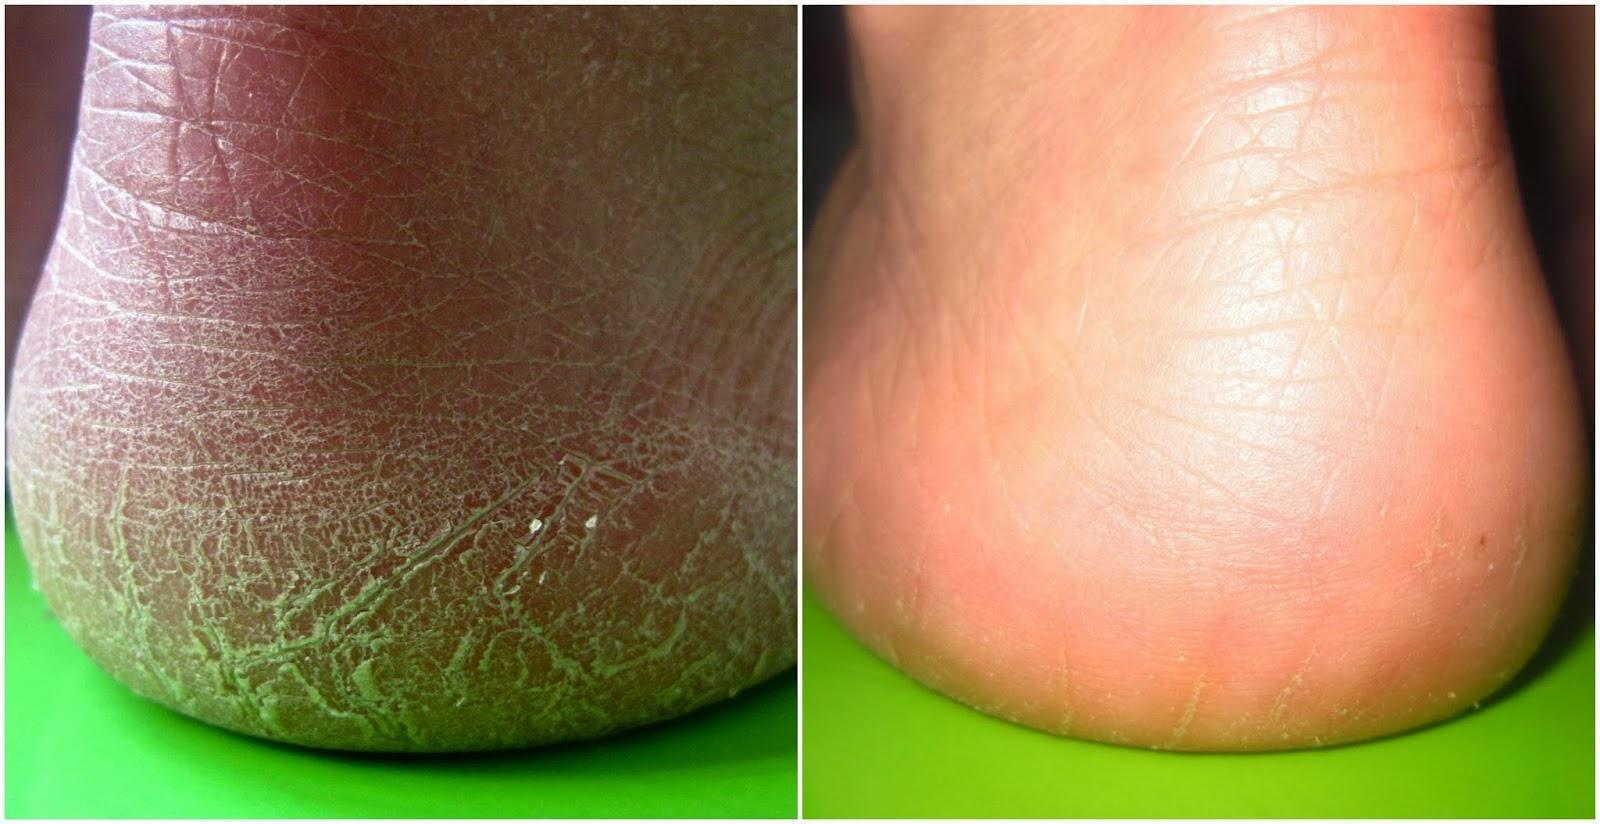 Glyukonat del calcio a la psoriasis